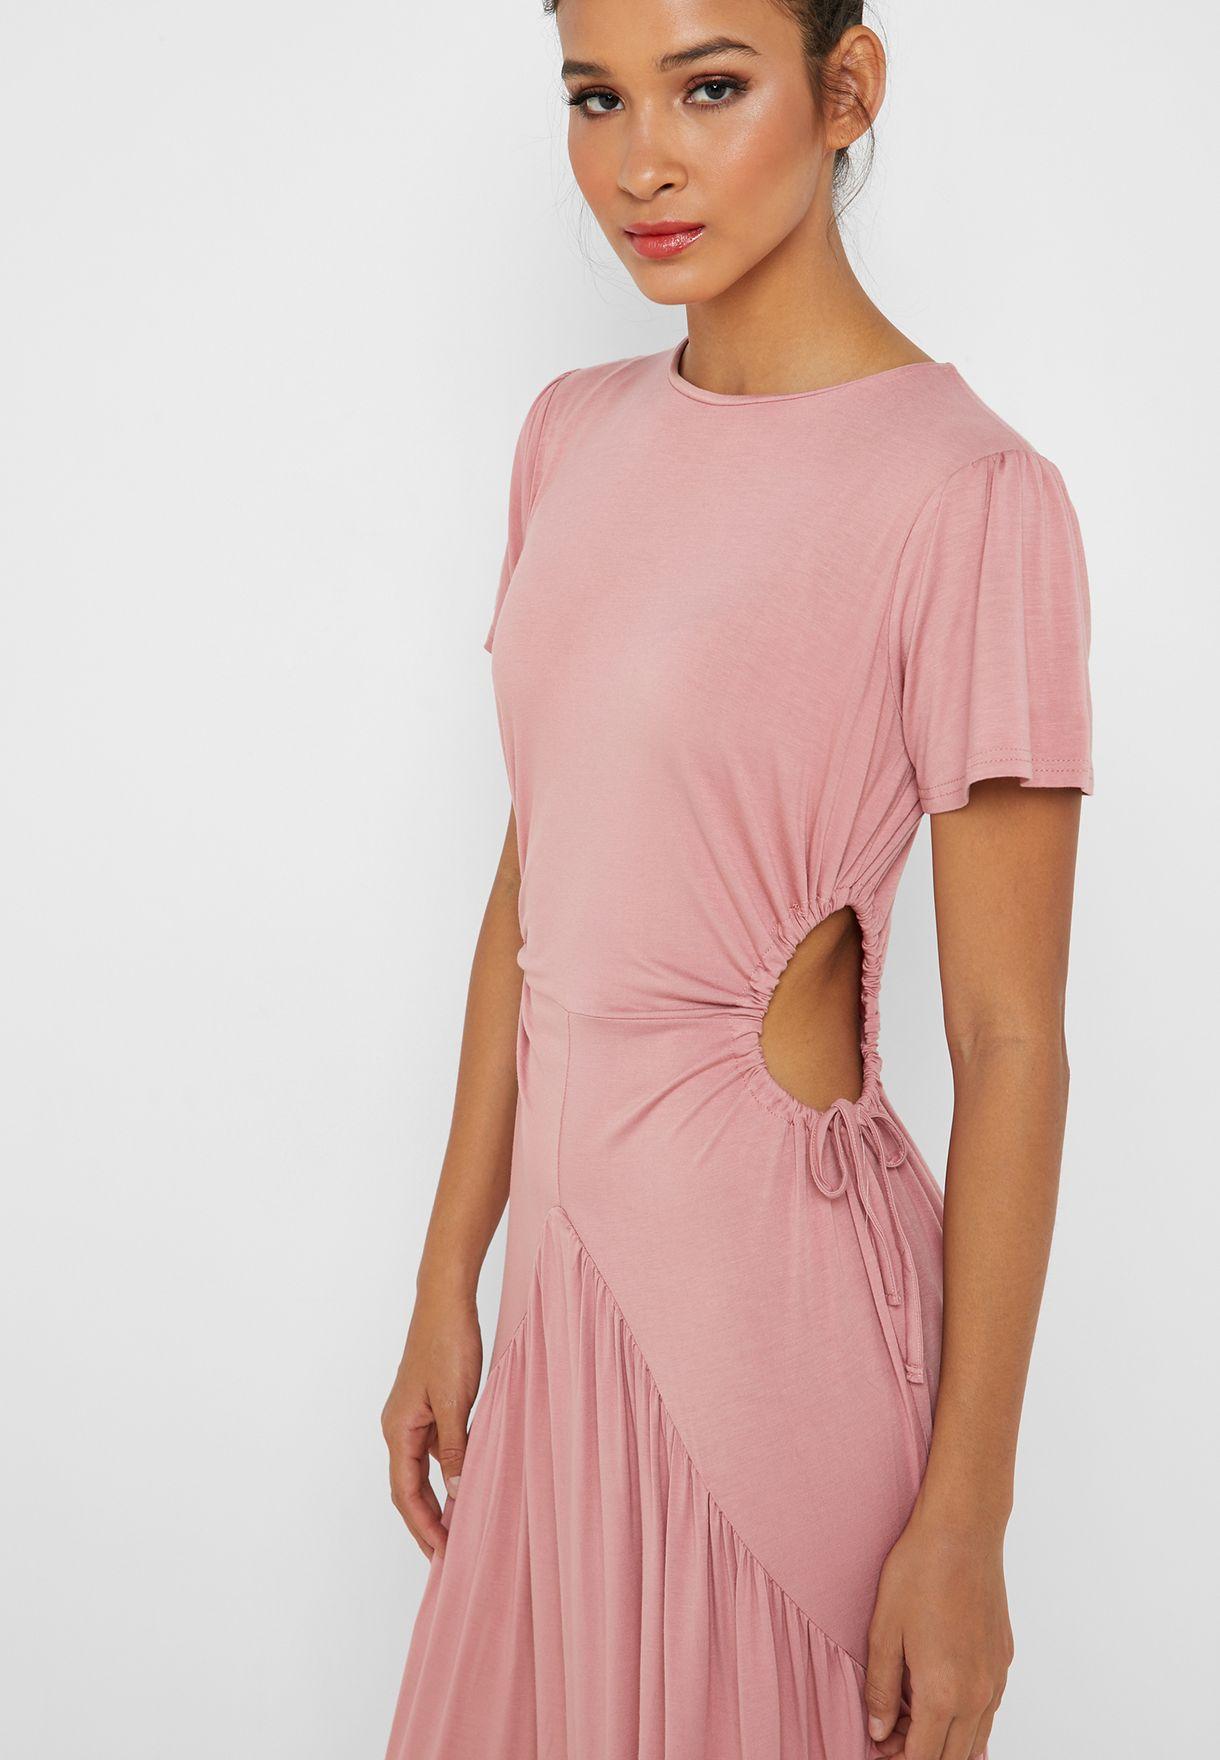 فستان بأجزاء مزمومة وفتحات جانبية